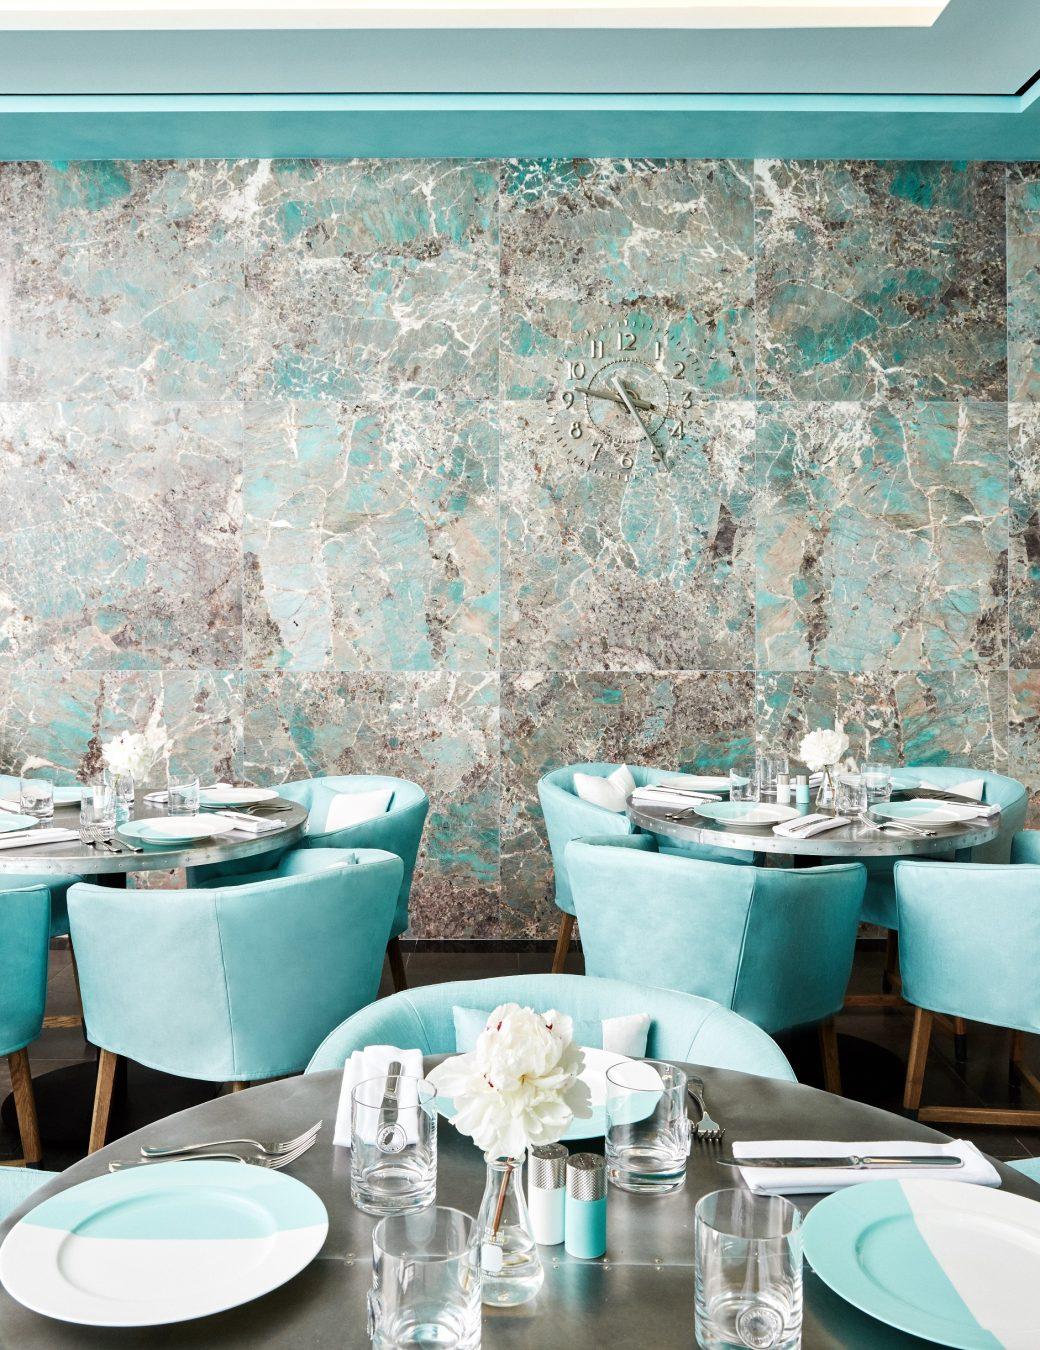 Tiffany & Co Blue Box Cafe